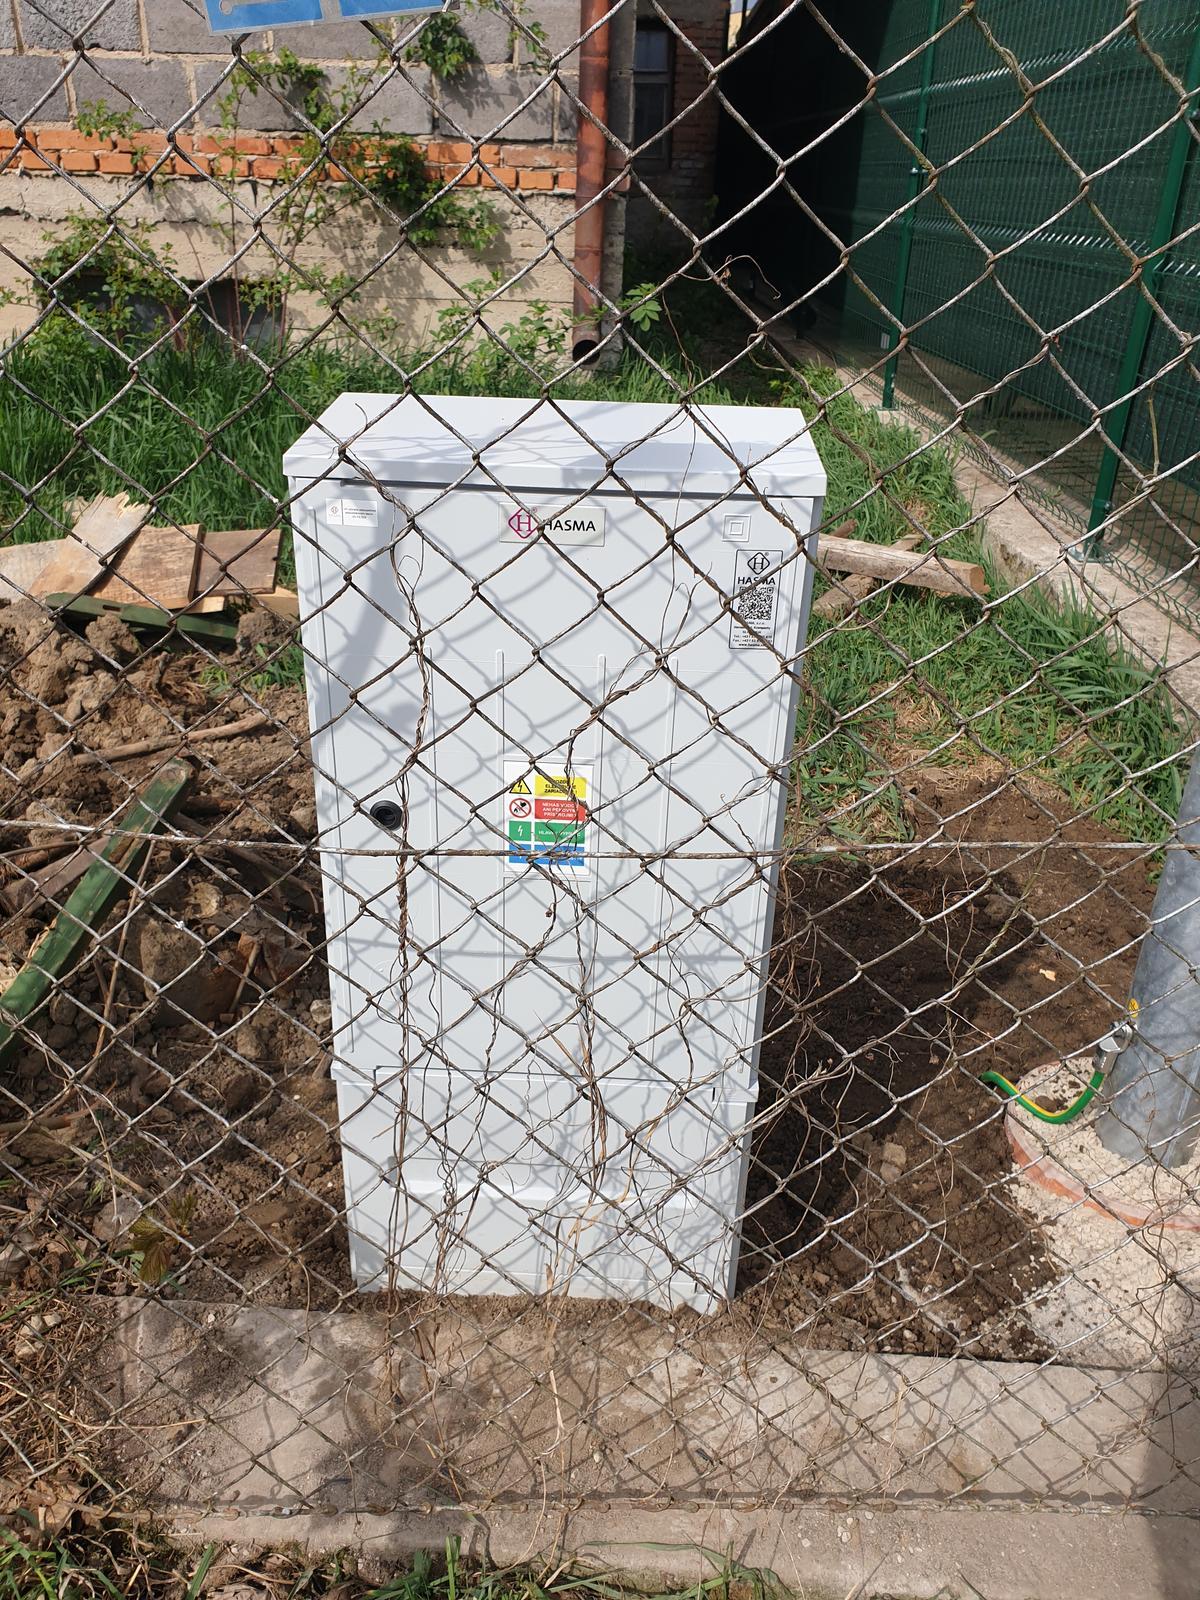 Rekonštrukcia domu-alebo chceme si splniť sen =》🏠🌻🌼🐶  mat domcek a vratit sa na Slovensko - Ešte skrinka na stĺp a môžeme ísť riesit elektriku